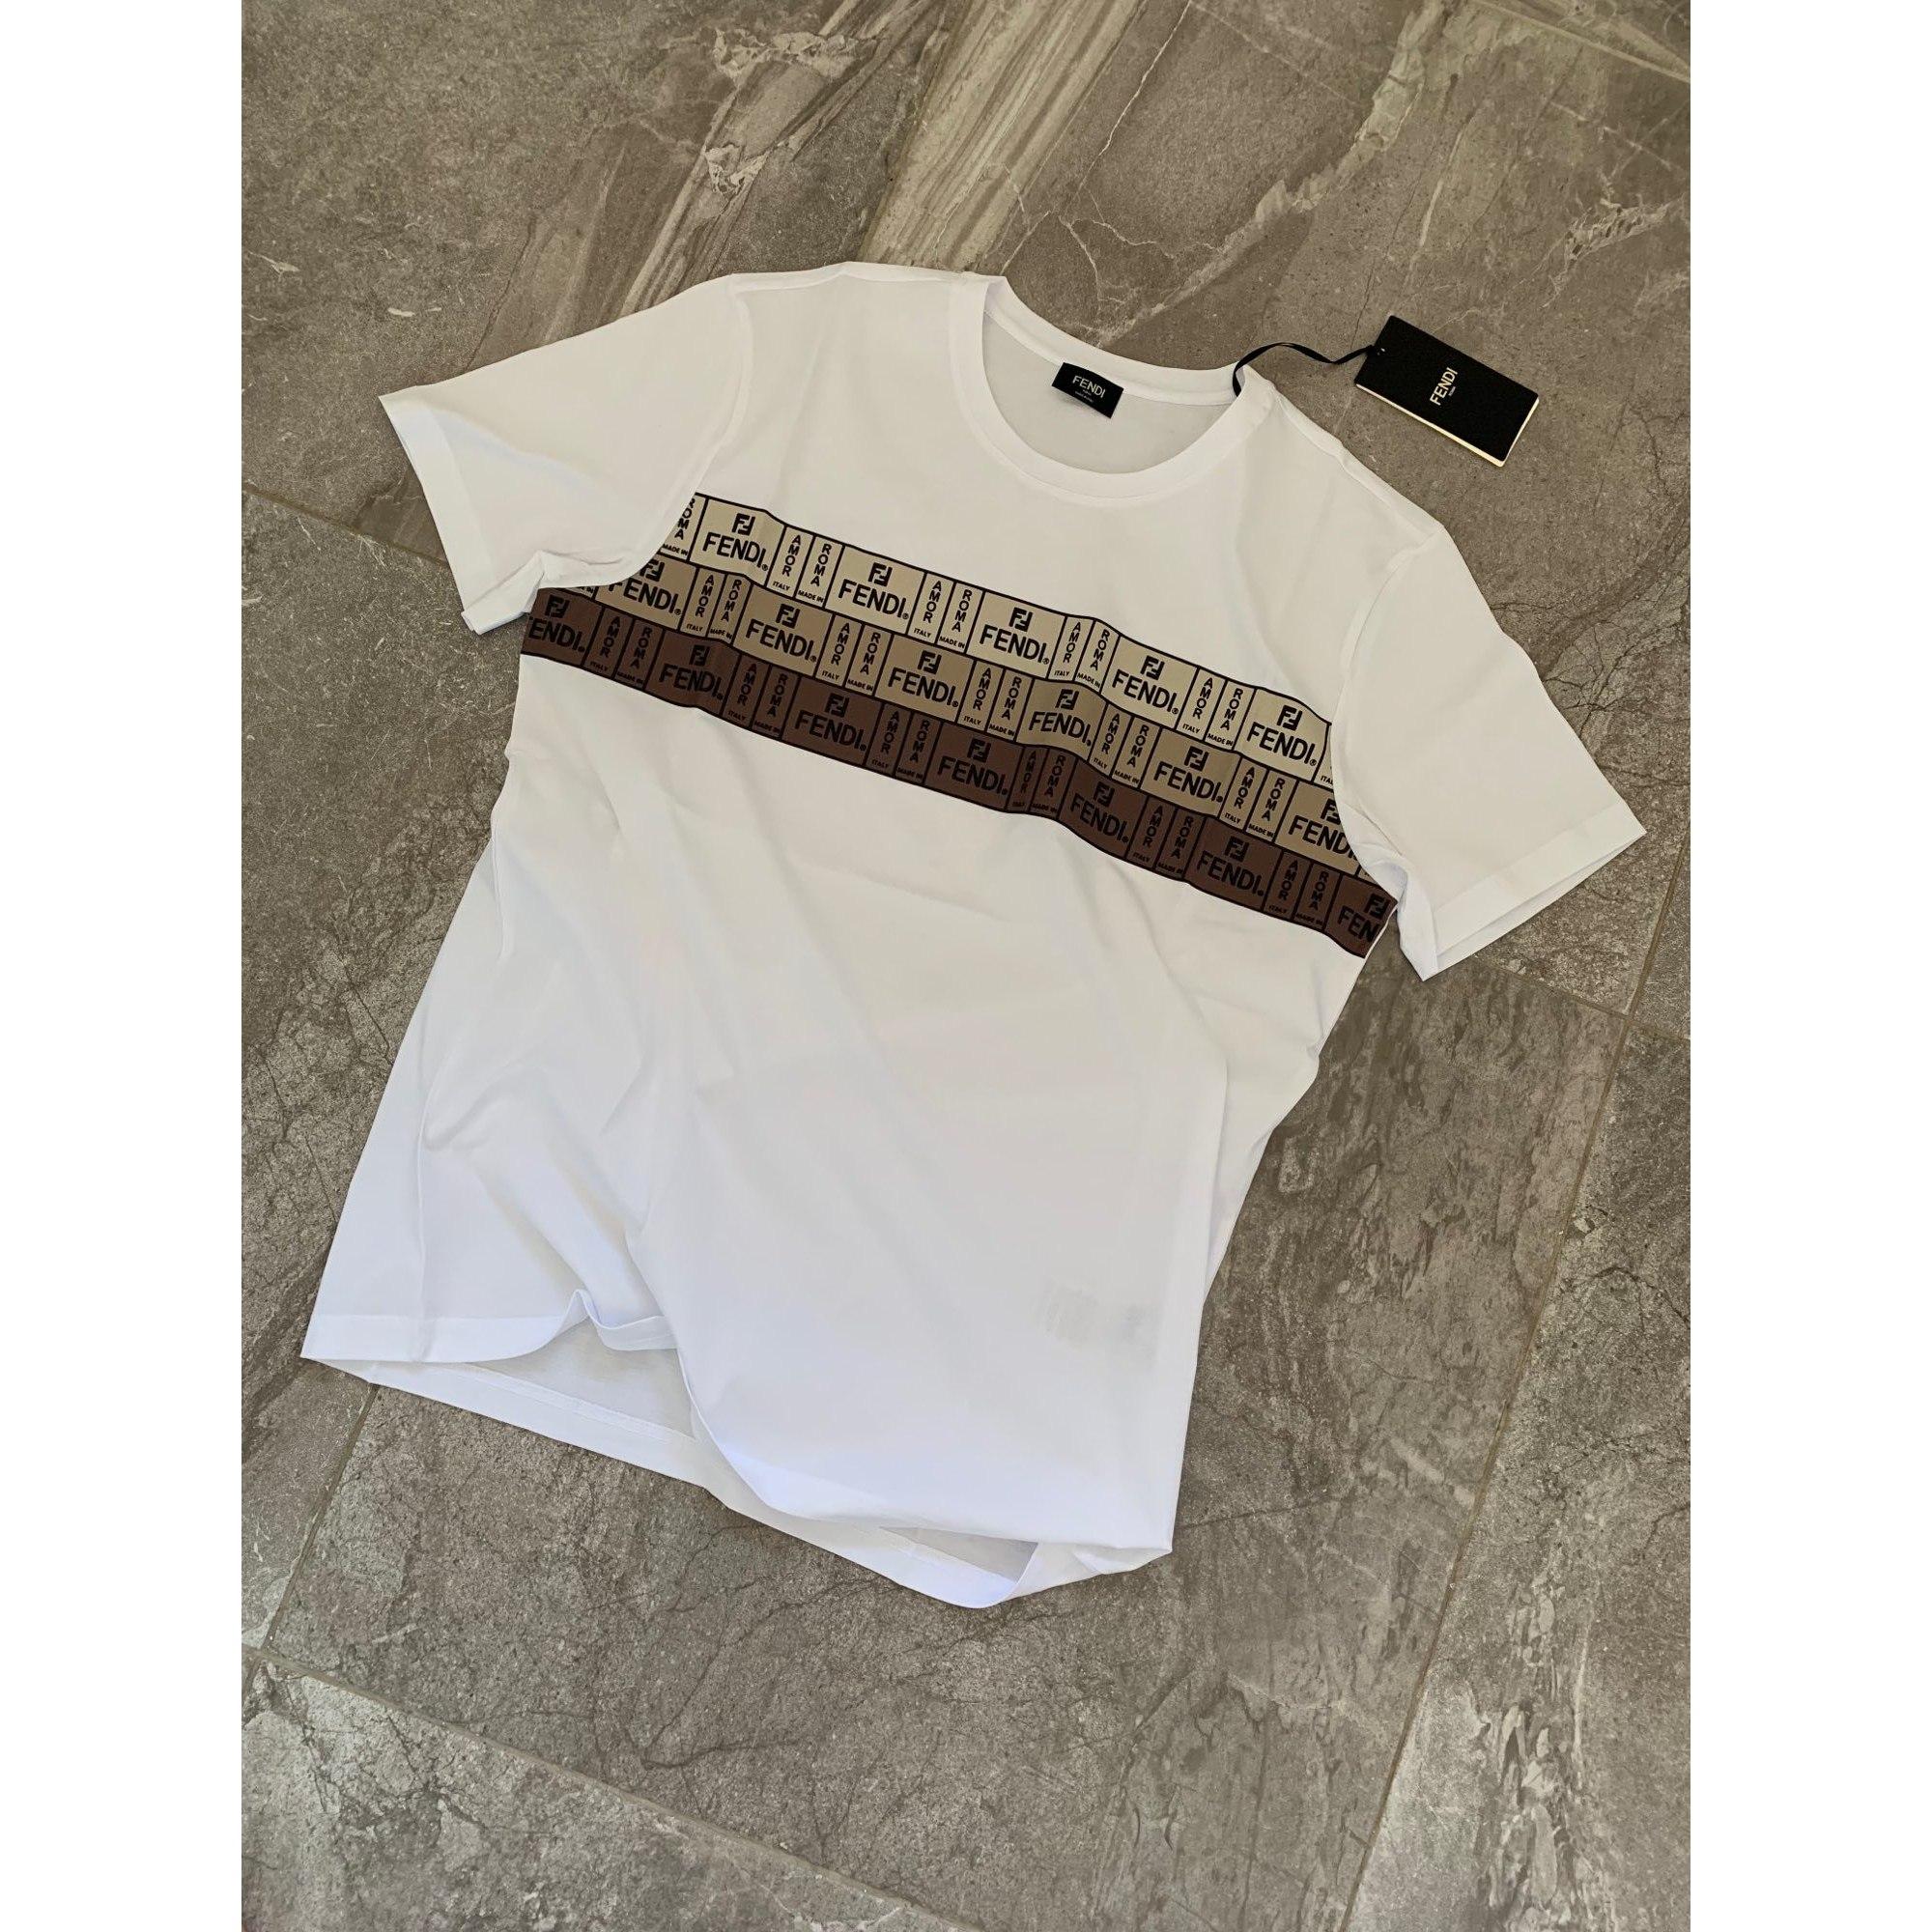 Tee-shirt FENDI Blanc, blanc cassé, écru